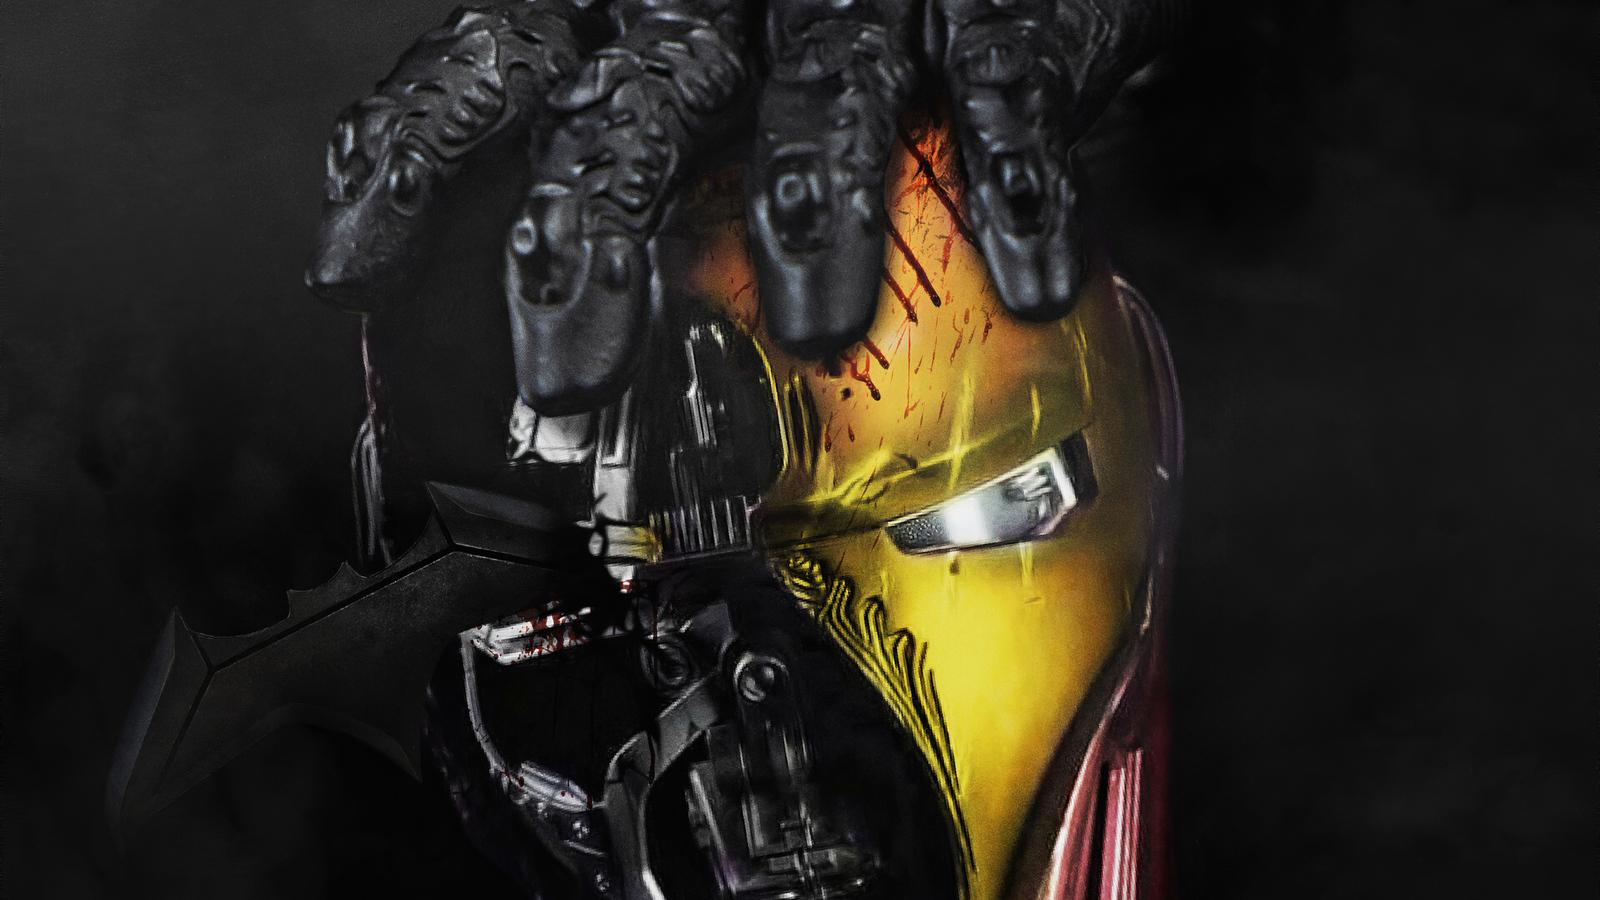 batman-hands-over-iron-man-mask-4k-p9.jpg